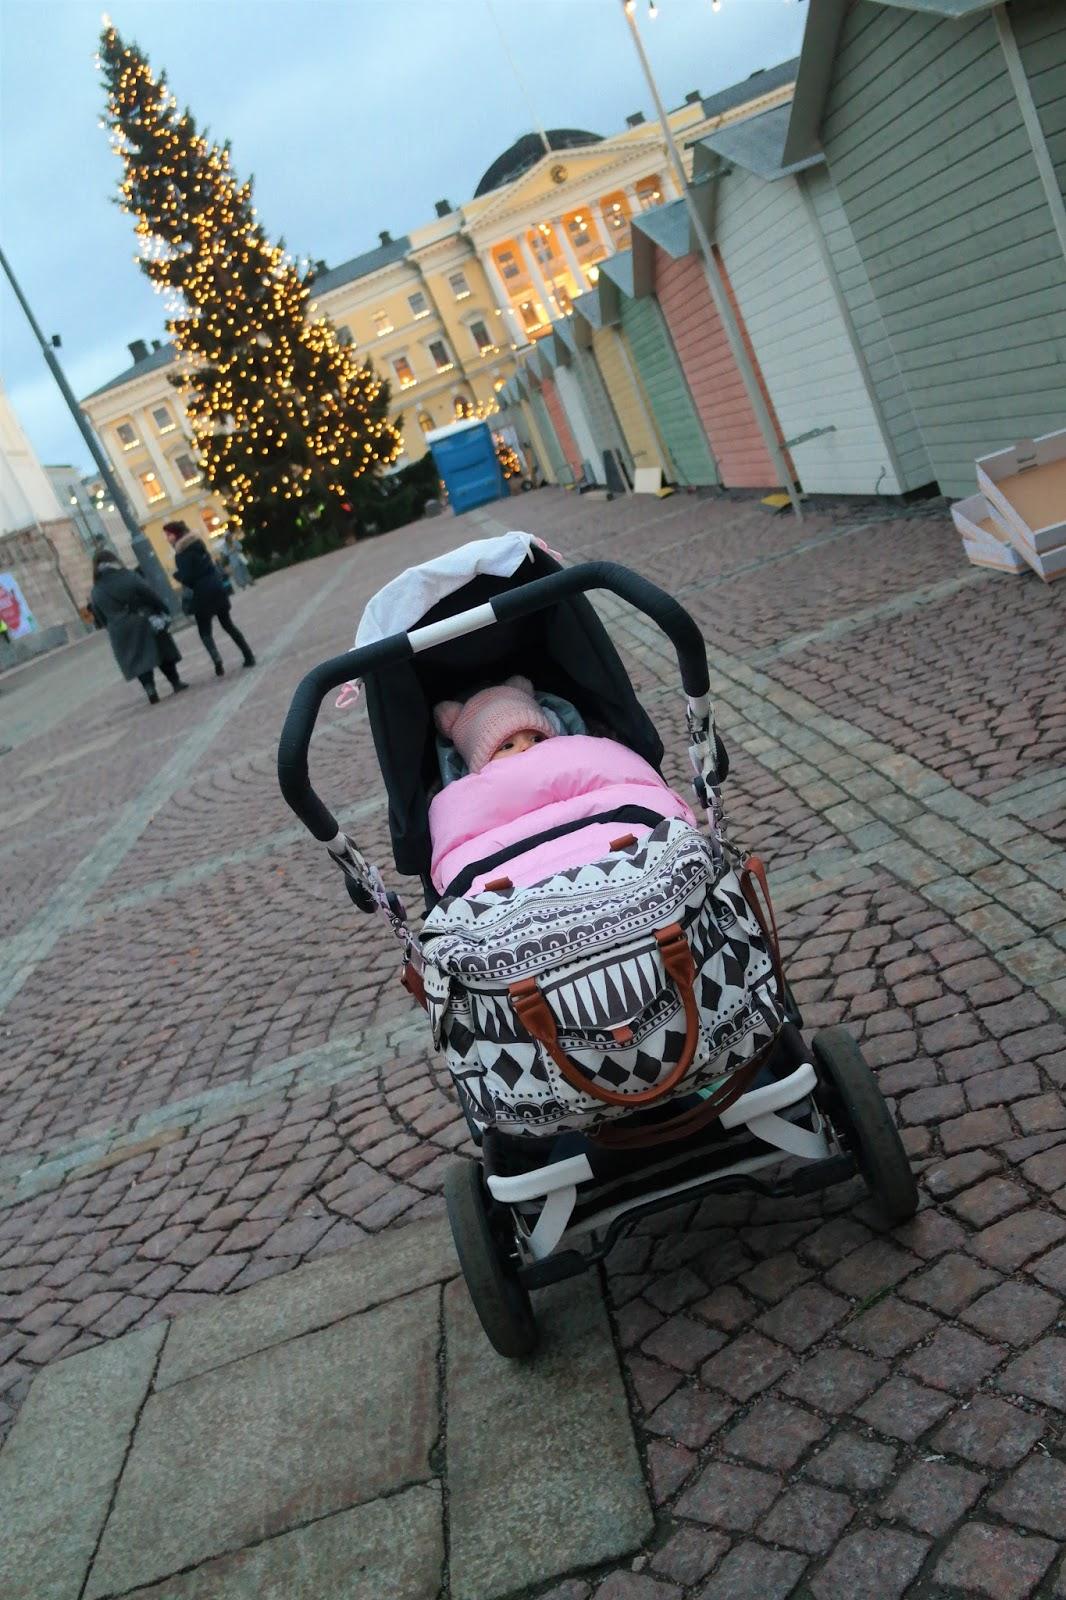 joulumarkkkinat